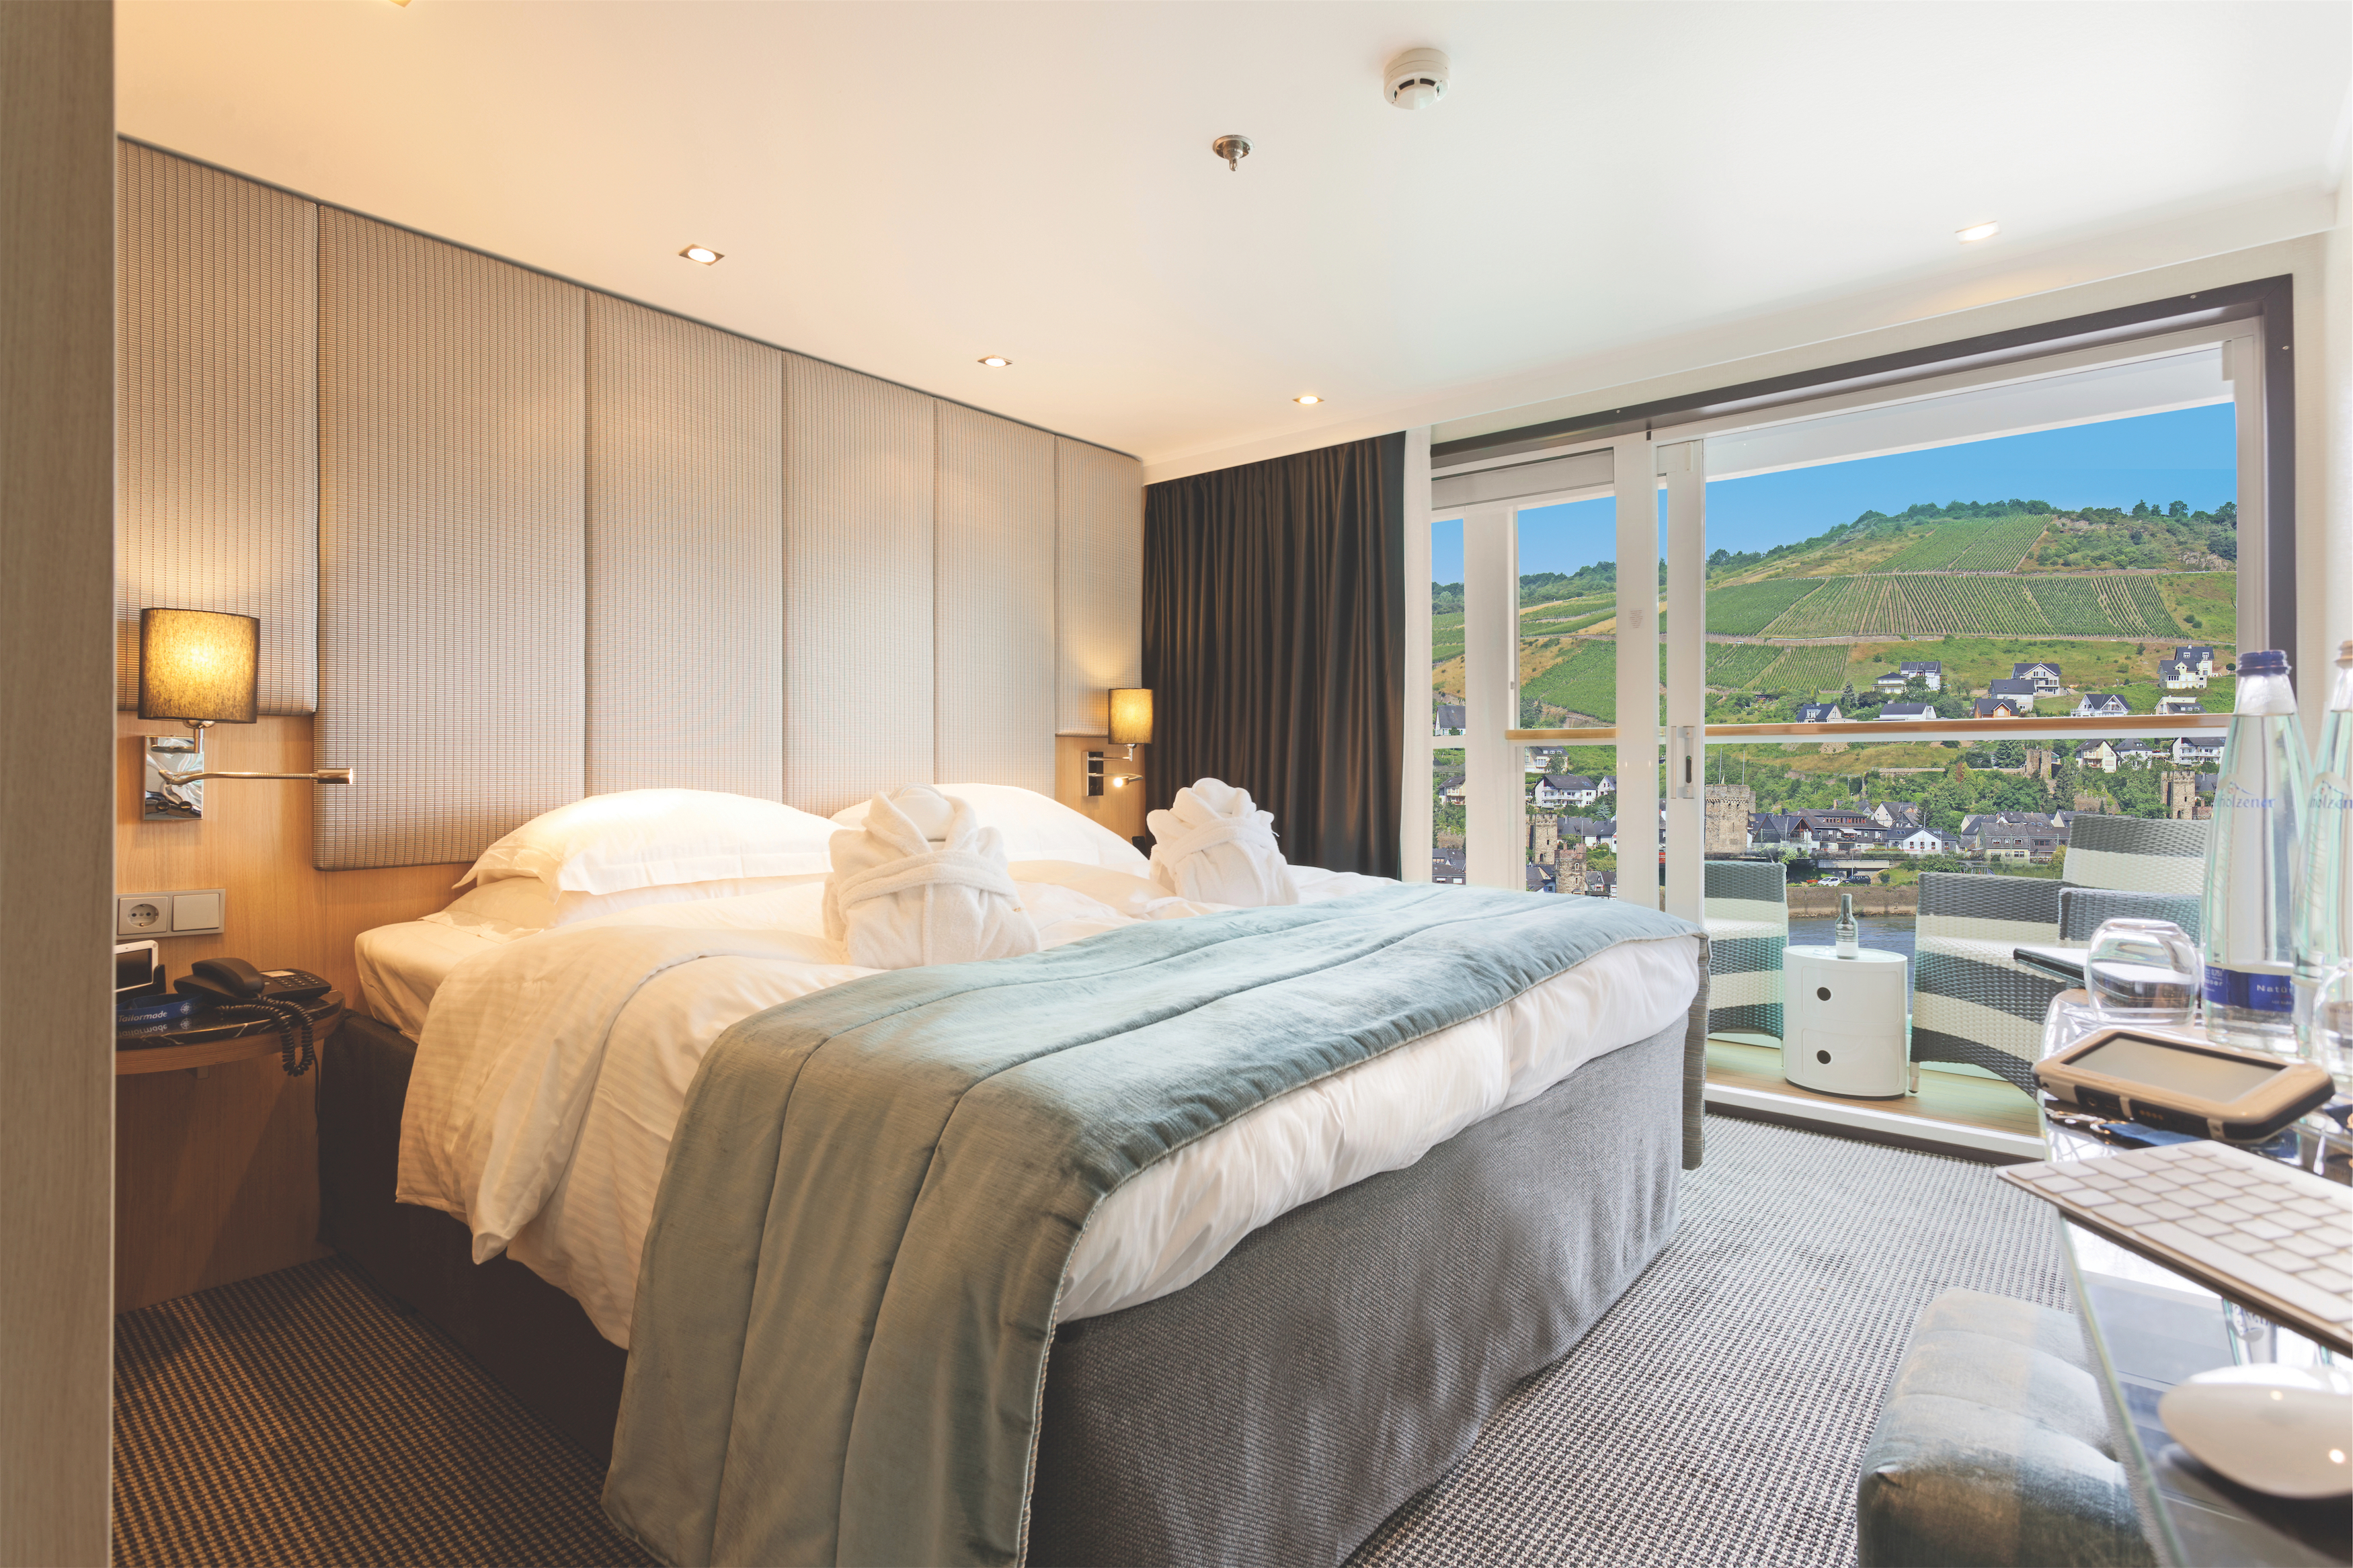 Scenic Sapphire Scenic Emerald Scenic Diamond Scenic Ruby Scenic Pearl Accommodation Balcony Suite 3.jpg